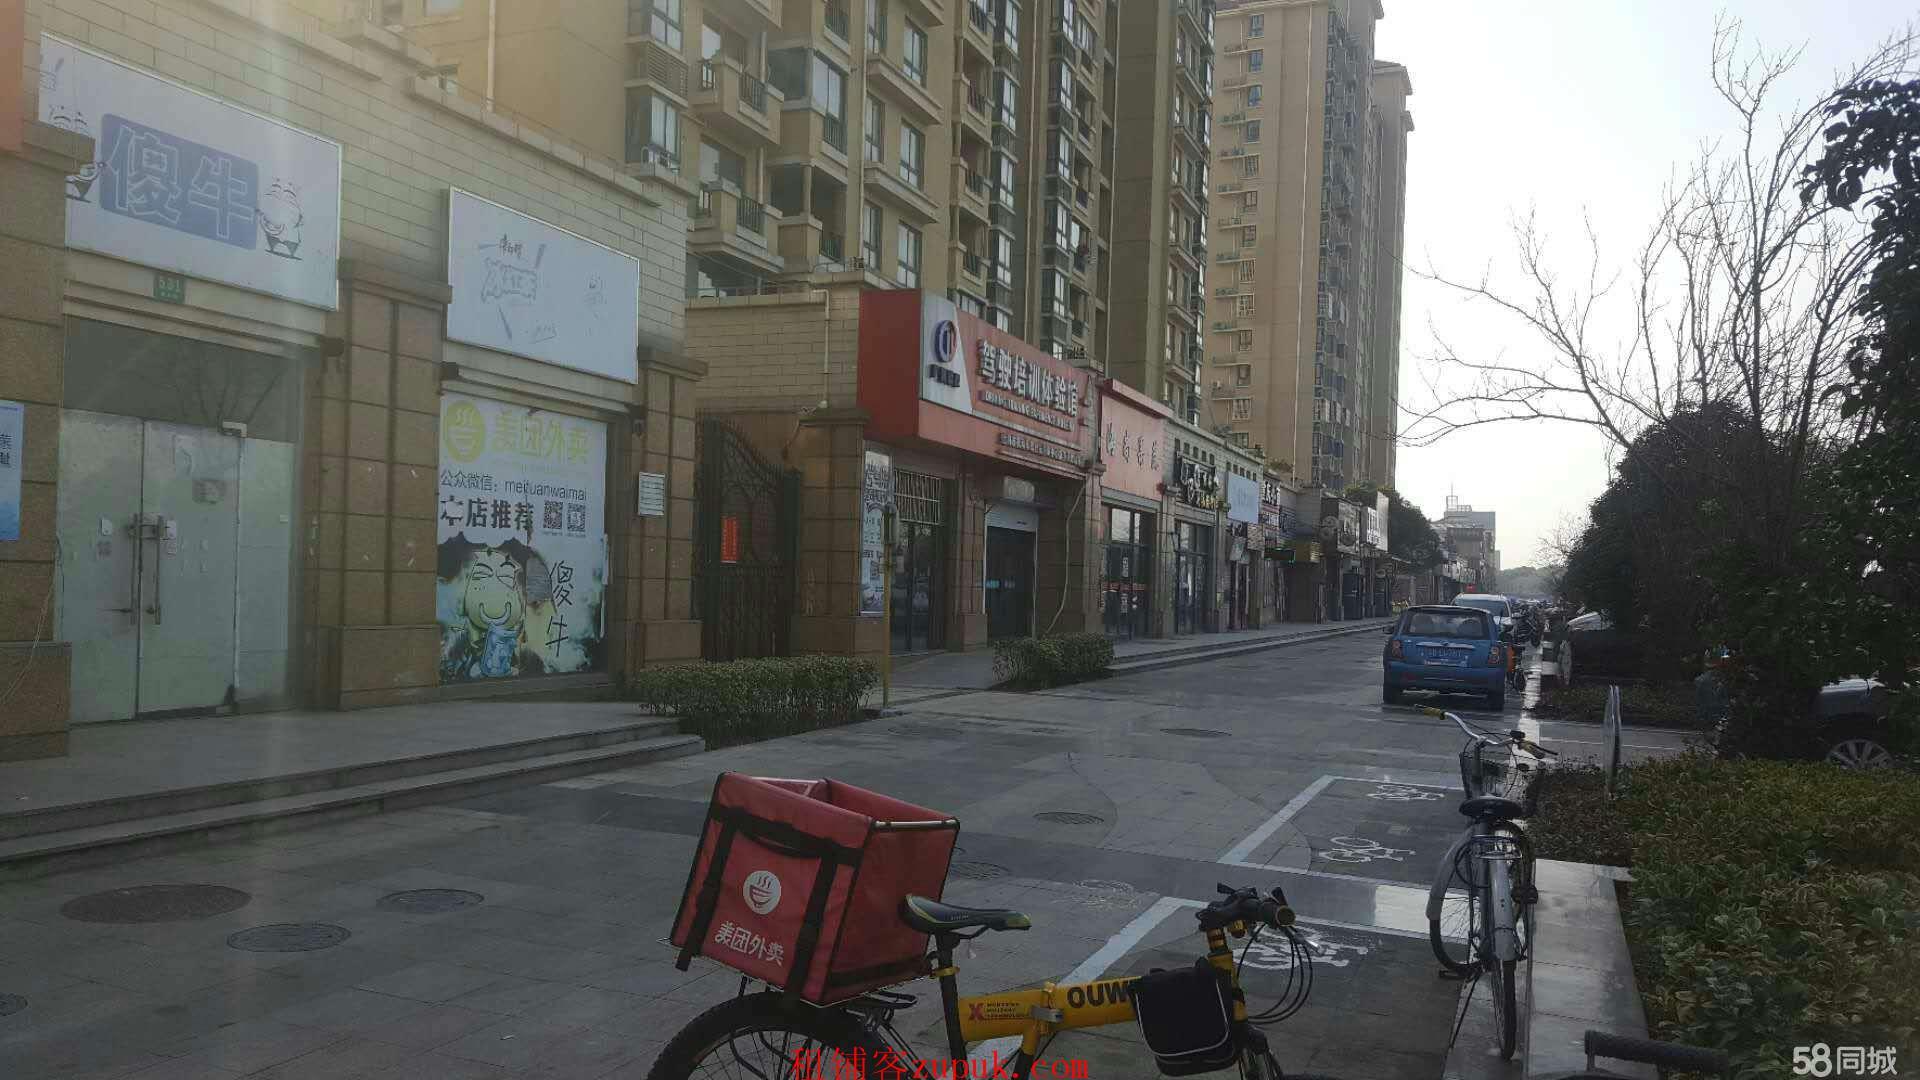 出租奉贤海湾旅游区商业街商铺